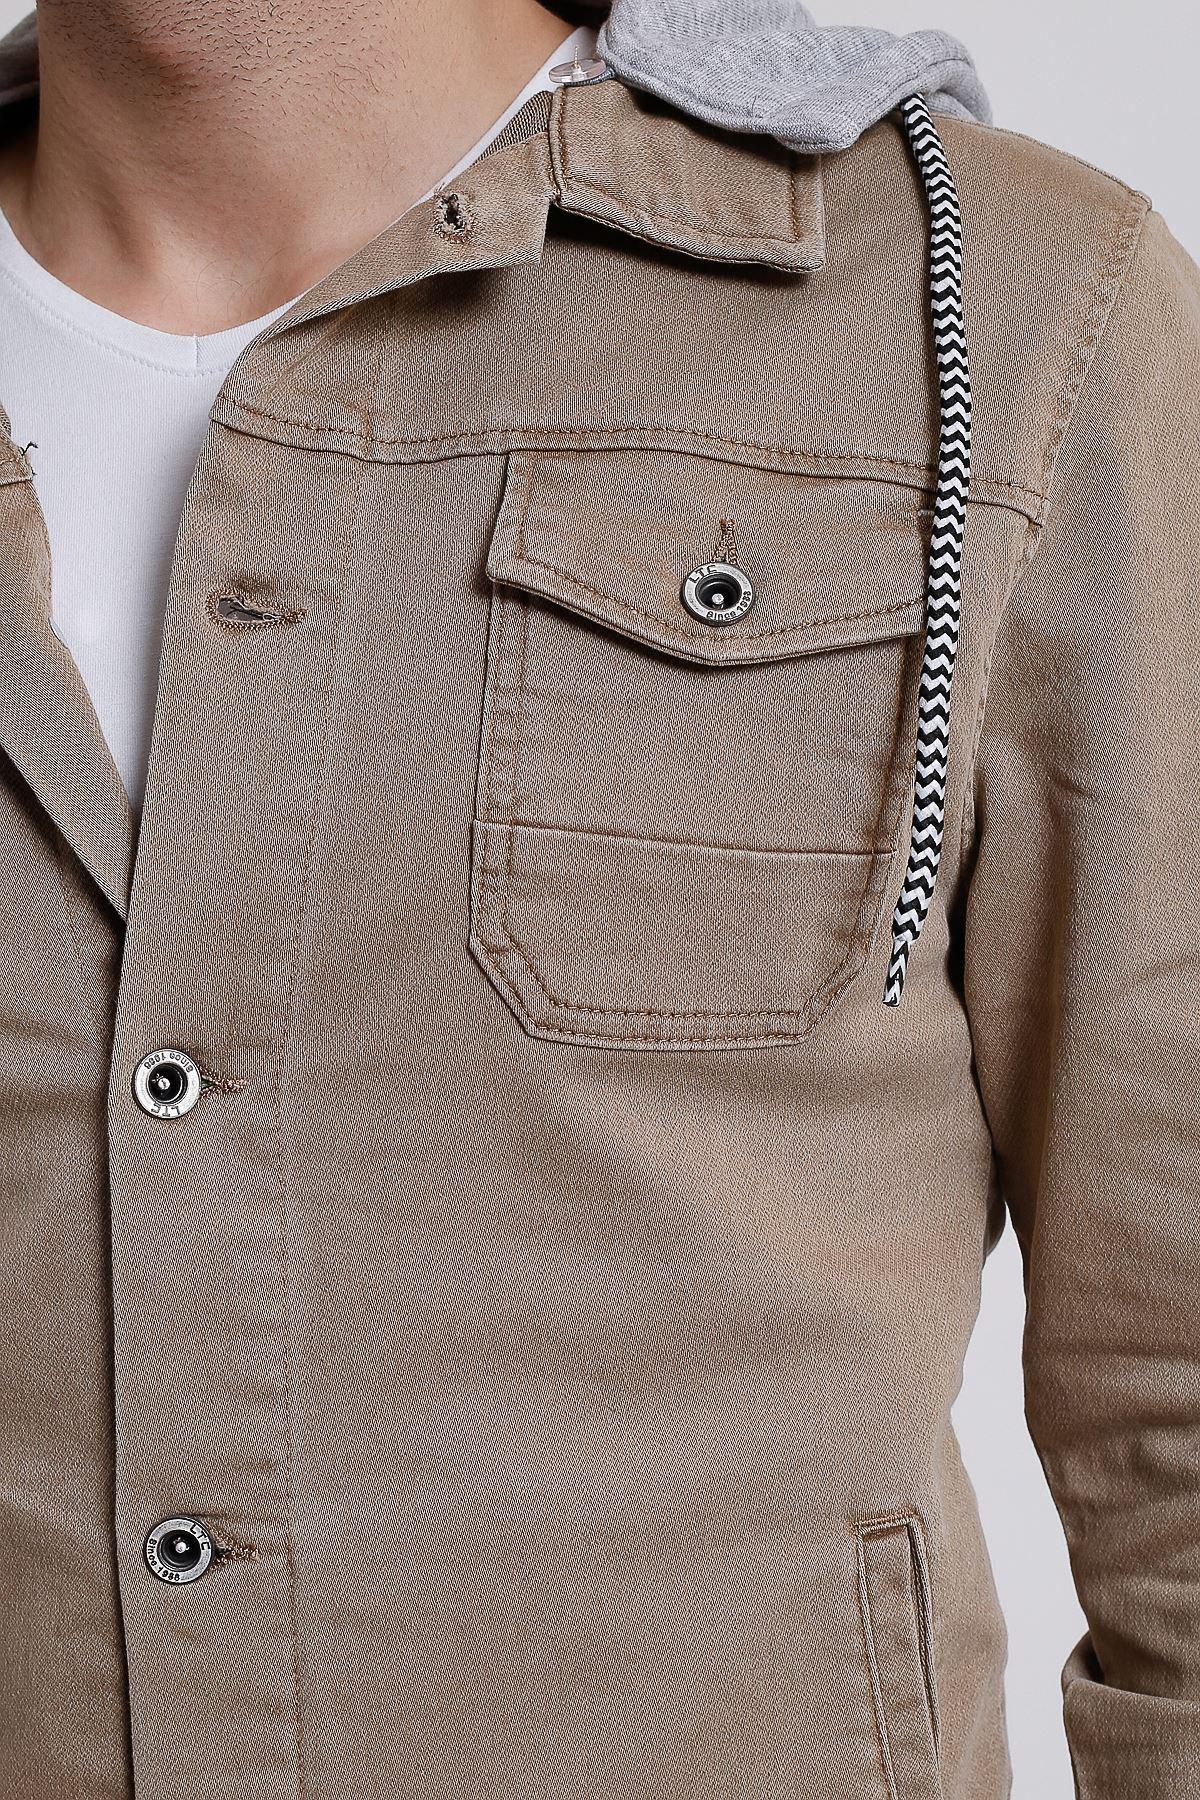 Erkek Çıkarılabilir Kapüşonlu Yıkamalı Bej Kot Ceket